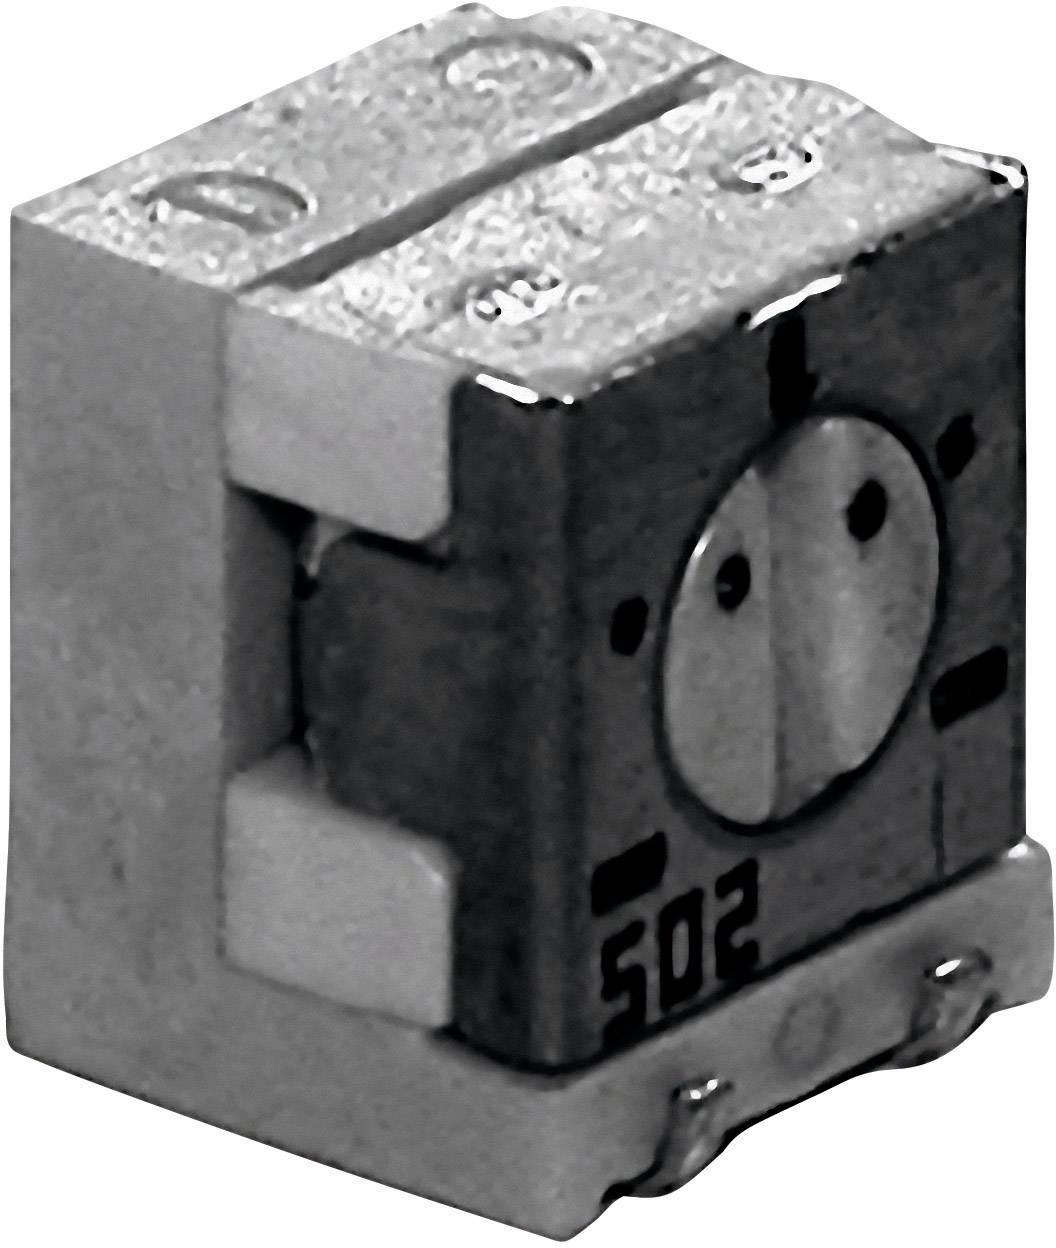 SMD trimr cermet TT Electro, ovl. boční, HC04, 2800587980, 1 MΩ, 0,25 W, ± 20 %